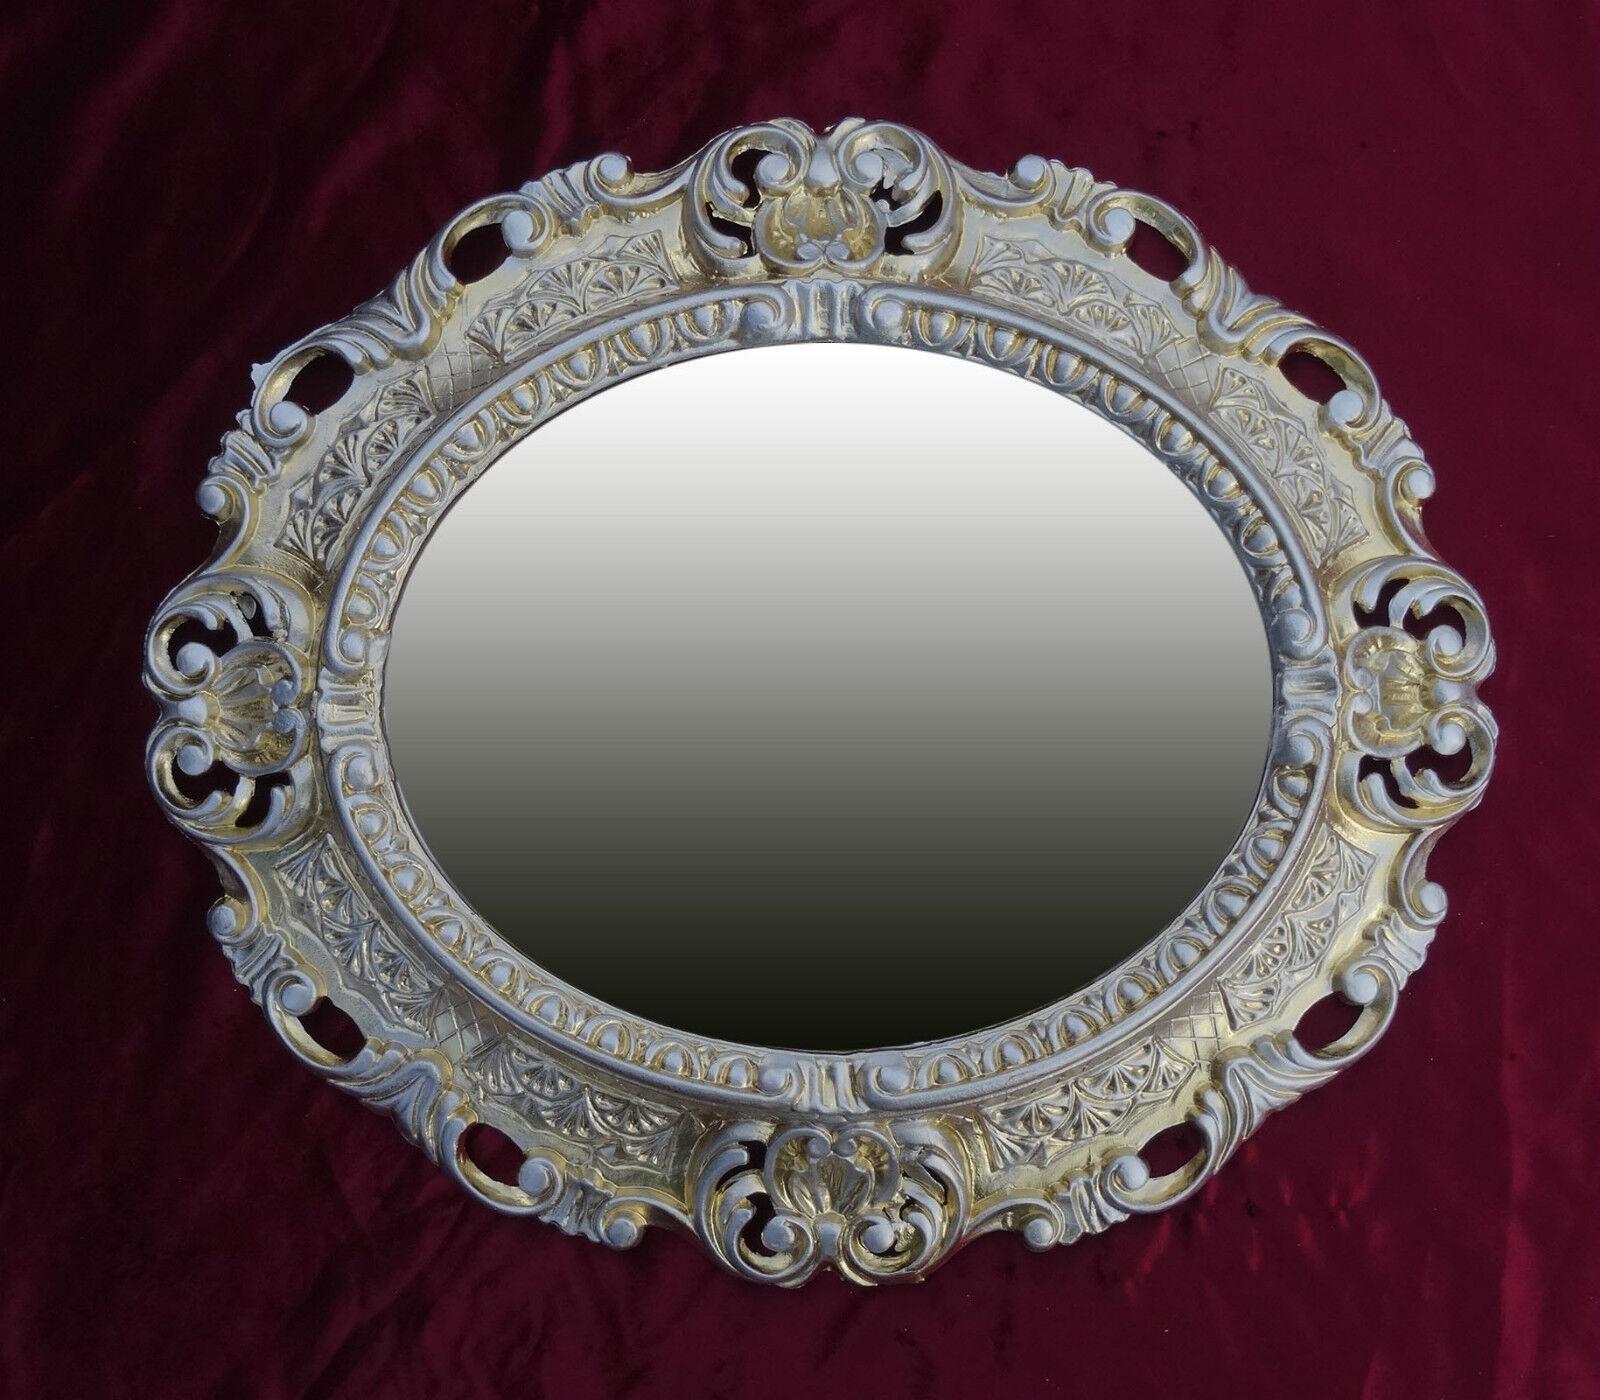 wandspiegel spiegel gold silber oval 45x38 cm barock antik repro vintage 345 88 ebay. Black Bedroom Furniture Sets. Home Design Ideas